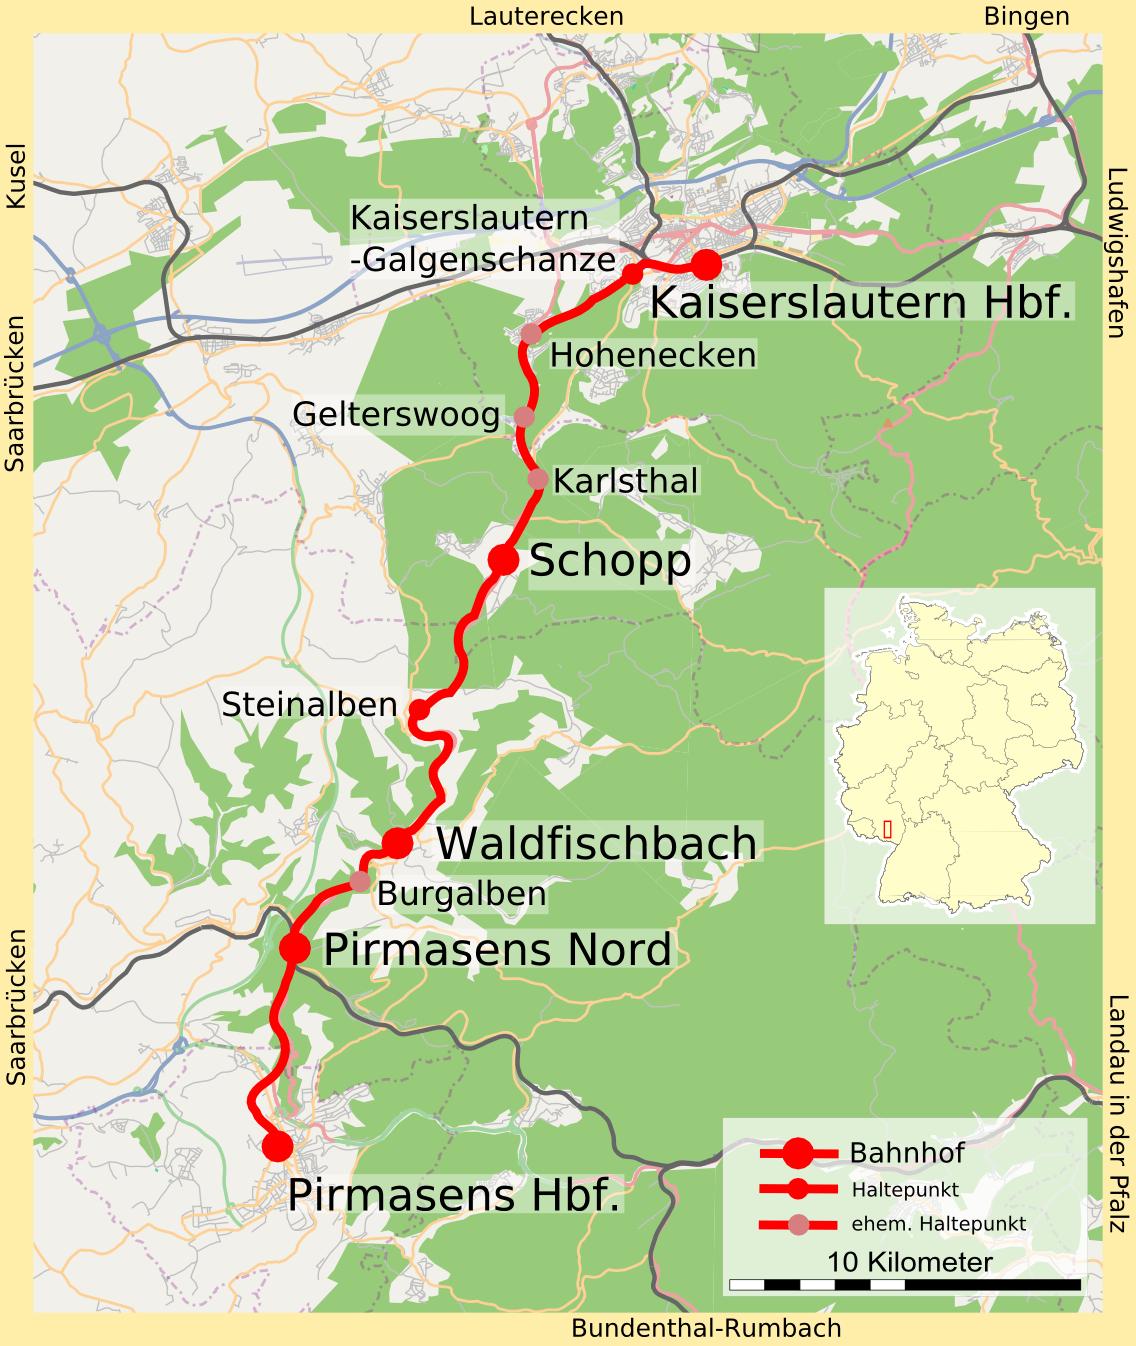 Biebermühl Railway - Wikipedia on berlin bus route map, london bus route map, paris bus route map, barcelona bus route map, frankfurt bus route map, bologna bus route map,